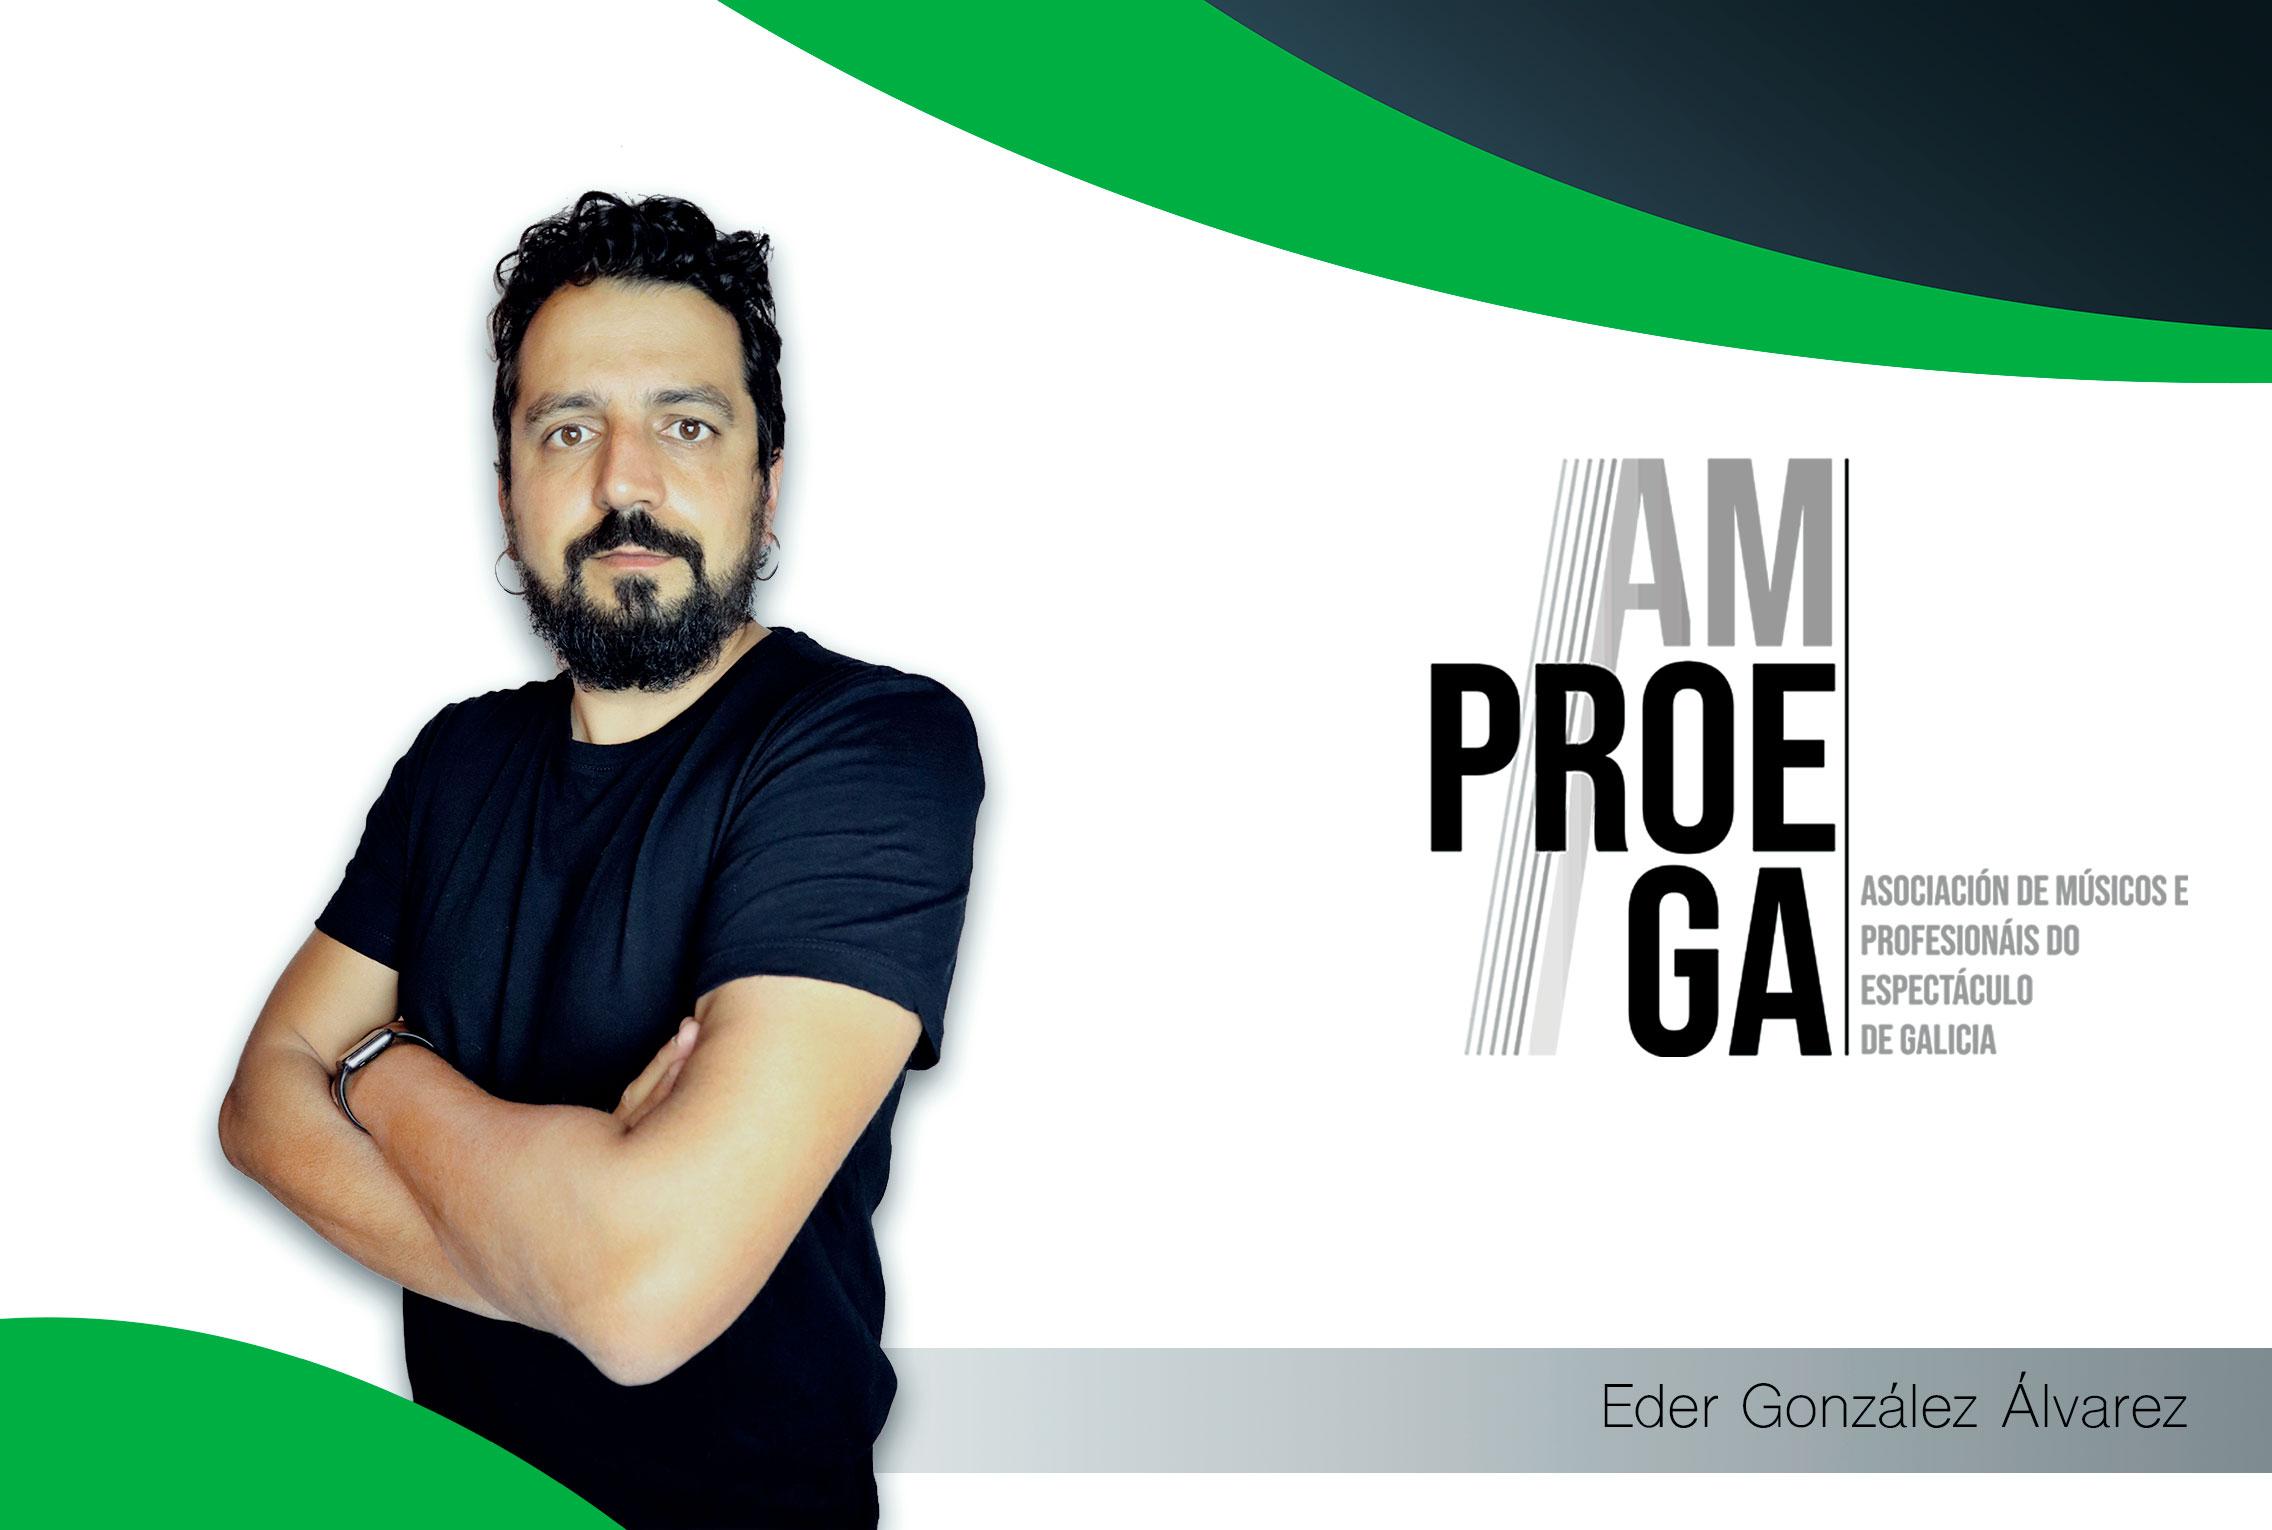 Eder González